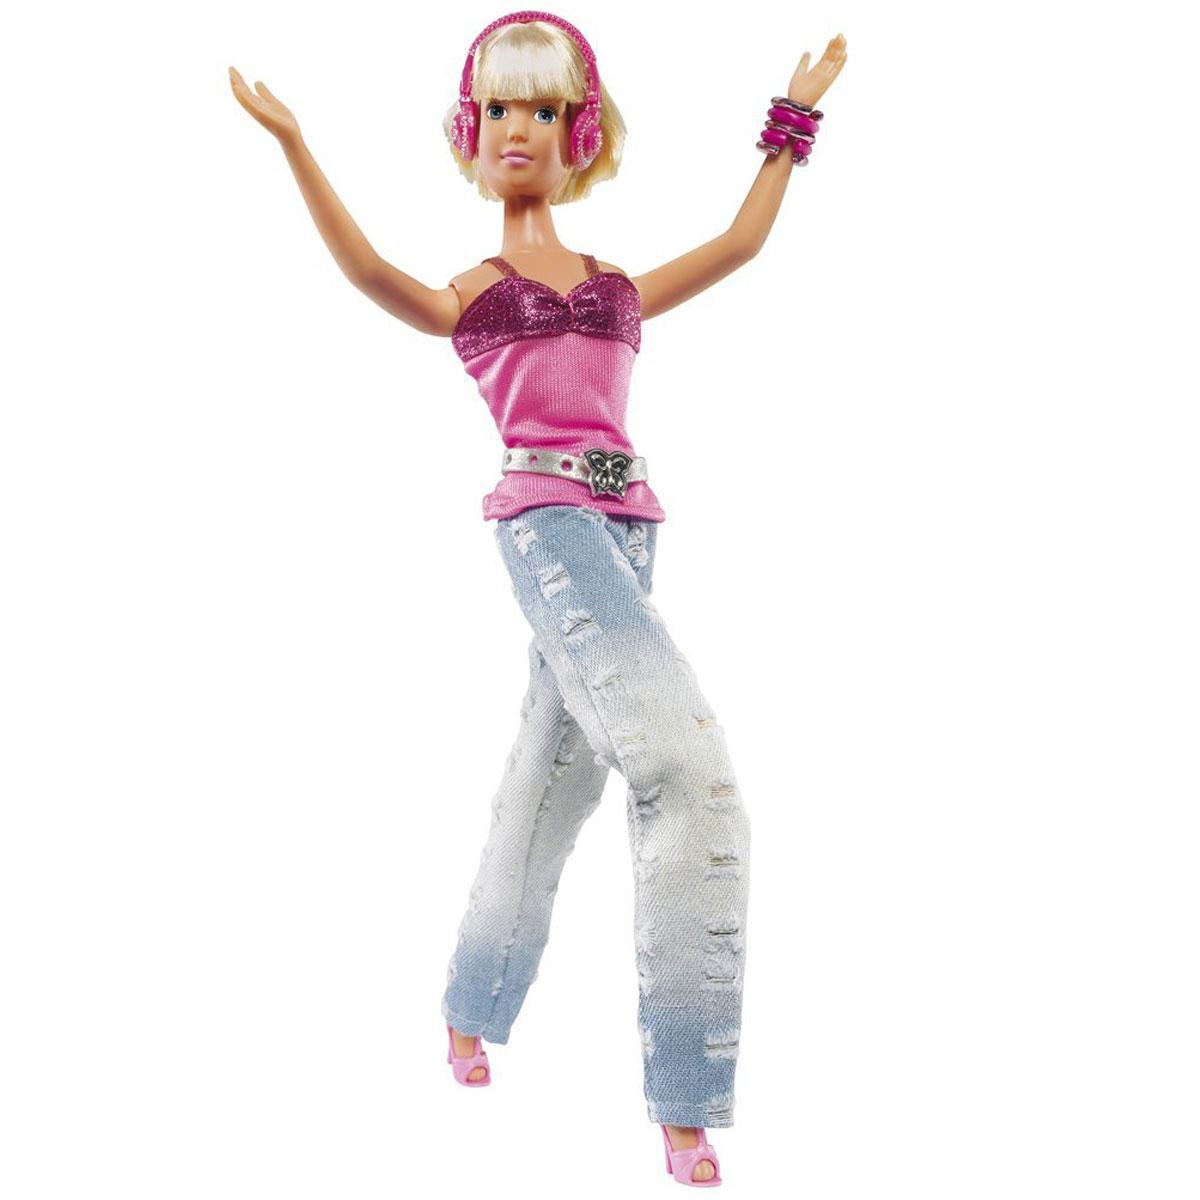 Simba Кукла Штеффи ди-джей5737787Кукла Simba Штеффи ди-джей надолго займет внимание вашей малышки и подарит ей множество счастливых мгновений. Кукла изготовлена из прочного материала, ее голова, ручки и ножки подвижны, что позволяет придавать ей разнообразные позы. В комплект с куклой входят наушники. Куколка легка сменила имидж. Некогда длинные волосы были беспощадно острижены под милое каре, роскошные вечерние платья сменились обсыпанной стразами розовой блузкой и широкими рваными джинсами. Штеффи является большой поклонницей музыки, хорошо разбирается в различных музыкальных направлениях и ей многие доверяют проведение музыкальных вечеринок. Ваша девочка может стать звездой вместе с Штеффи. Благодаря играм с куклой, ваша малышка сможет развить фантазию и любознательность, овладеть навыками общения и научиться ответственности, а дополнительные аксессуары сделают игру еще увлекательнее. Порадуйте свою принцессу таким прекрасным подарком.